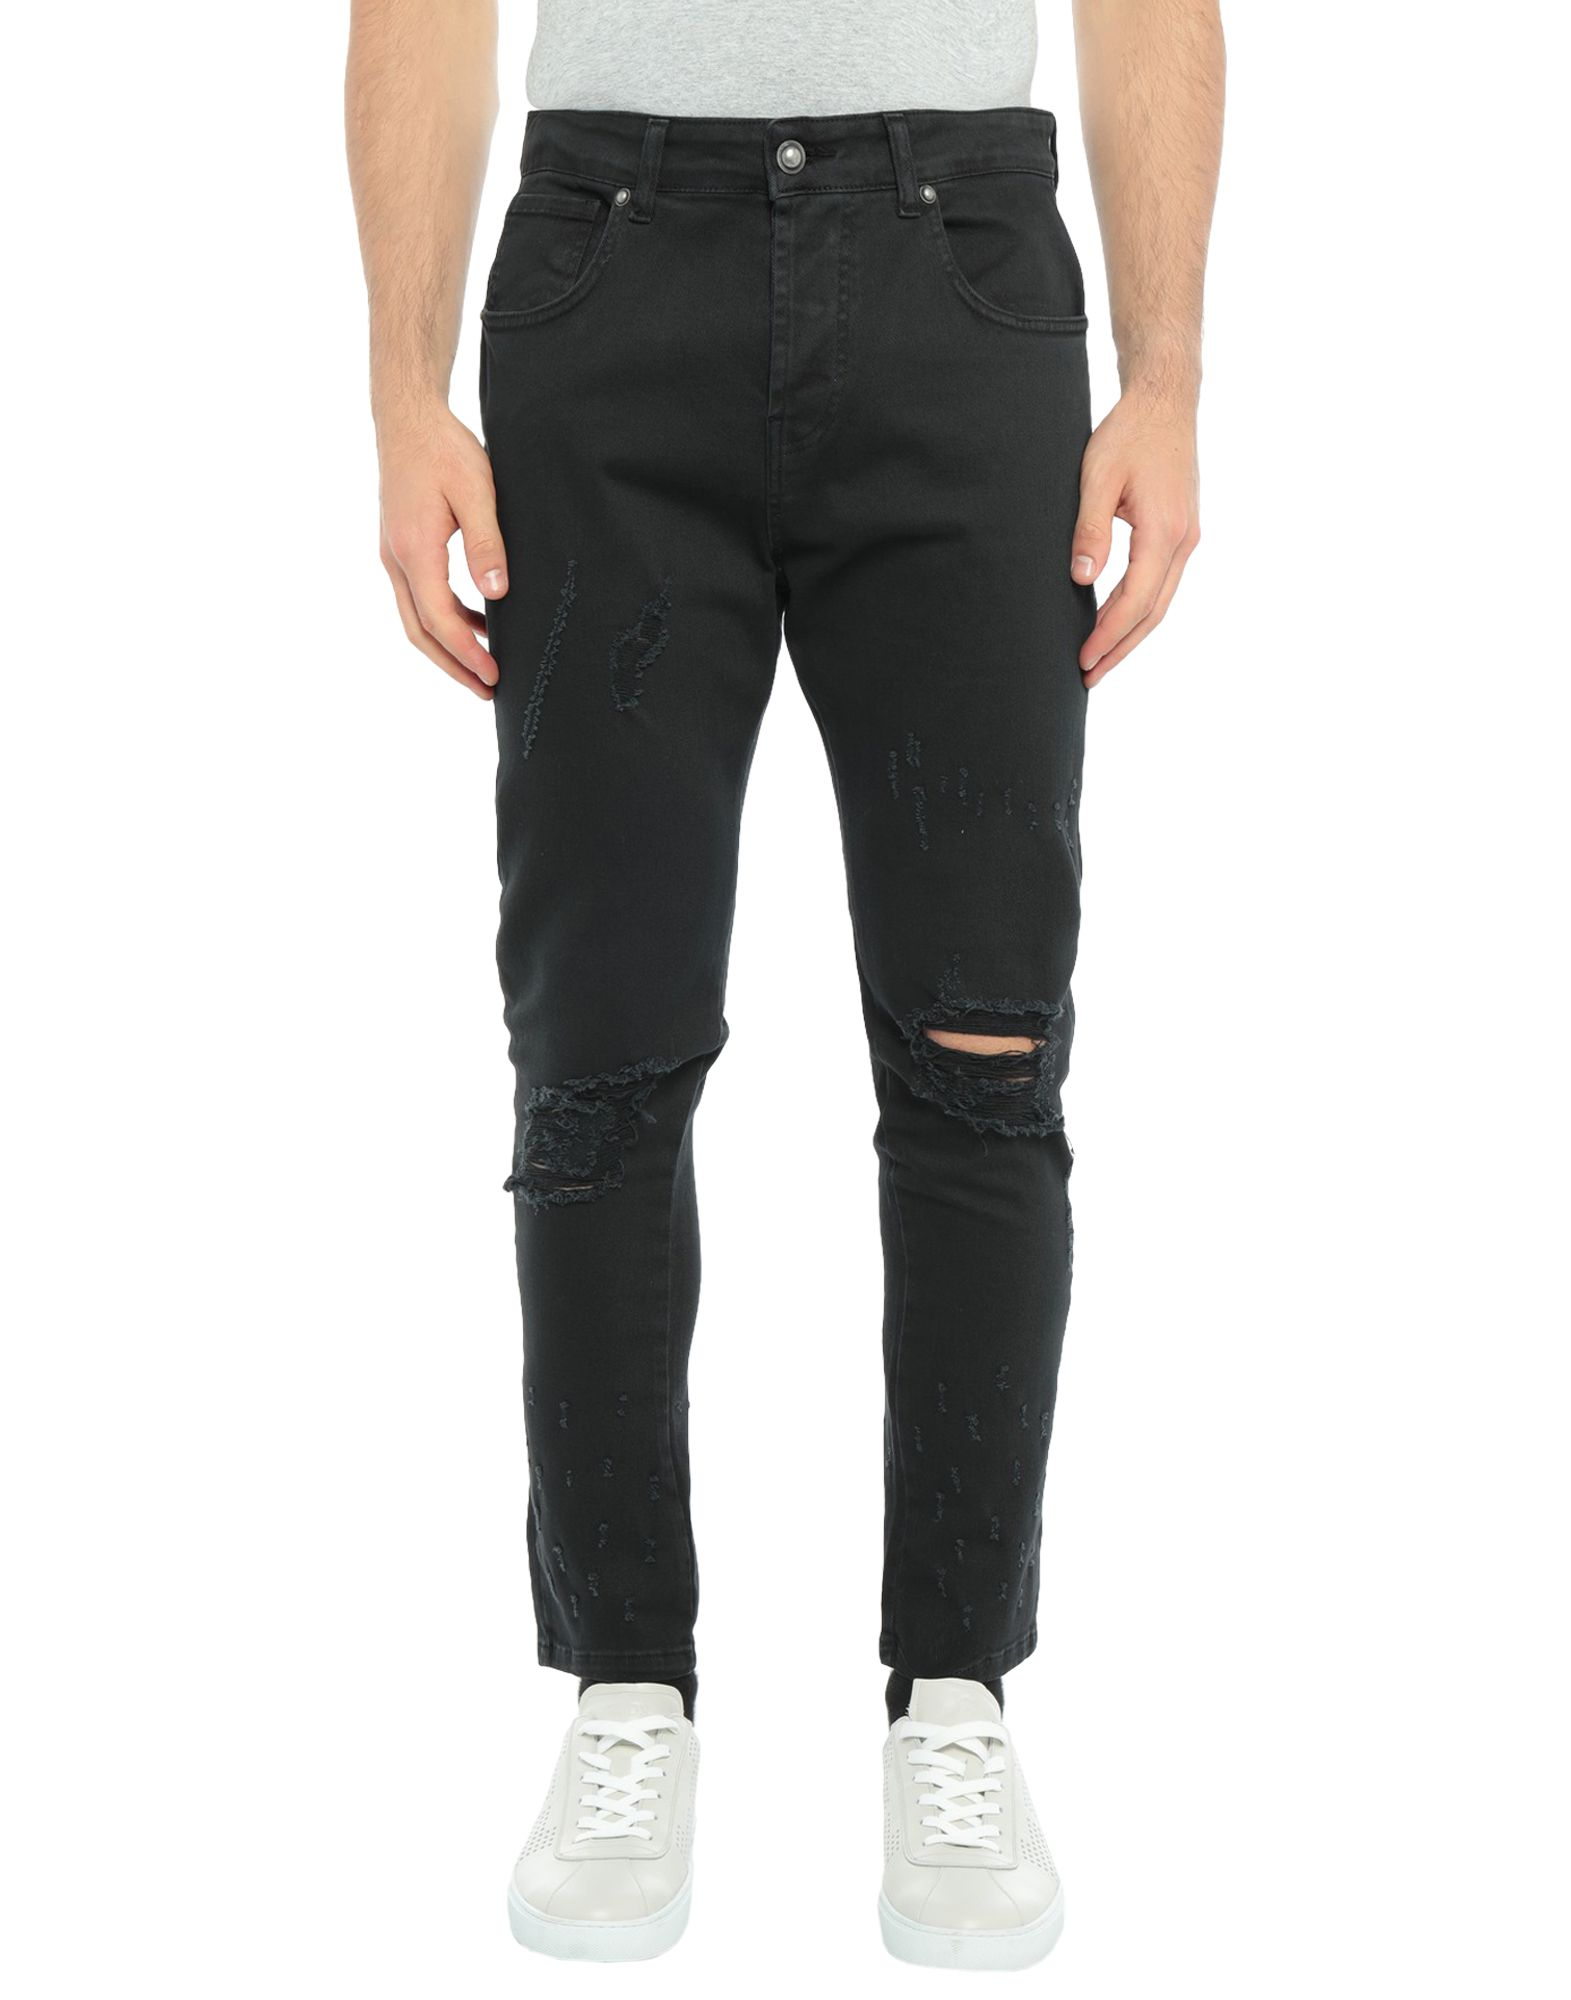 NEILL KATTER Джинсовые брюки neill katter жилет